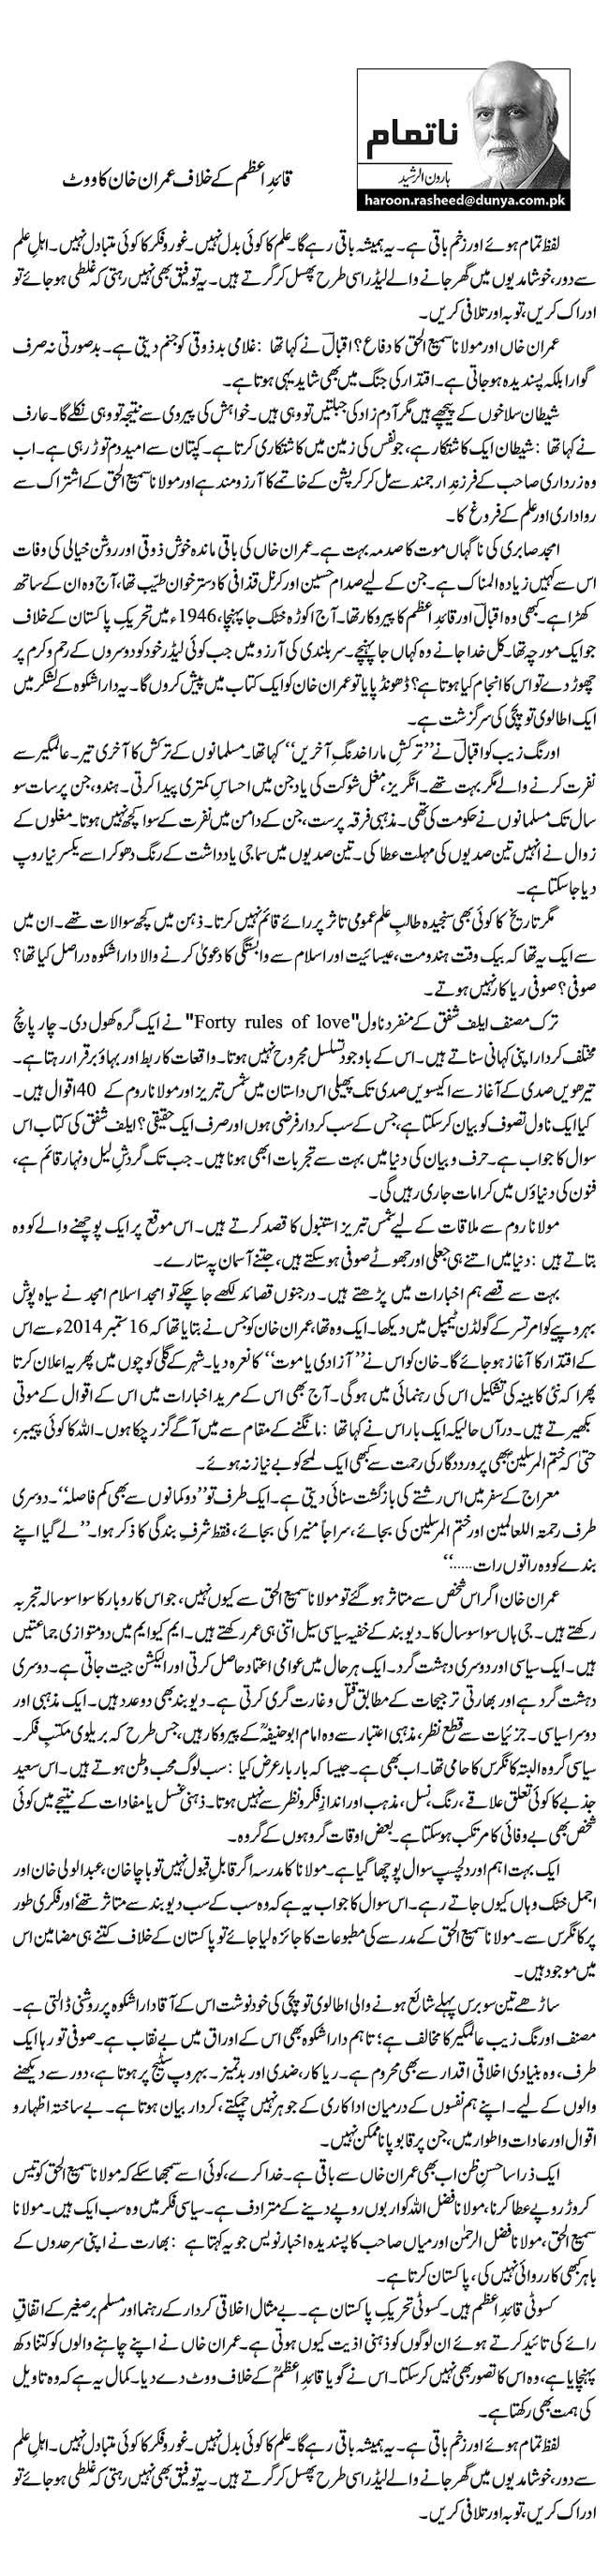 قائدِ اعظم کے خلاف عمران خان کا ووٹ